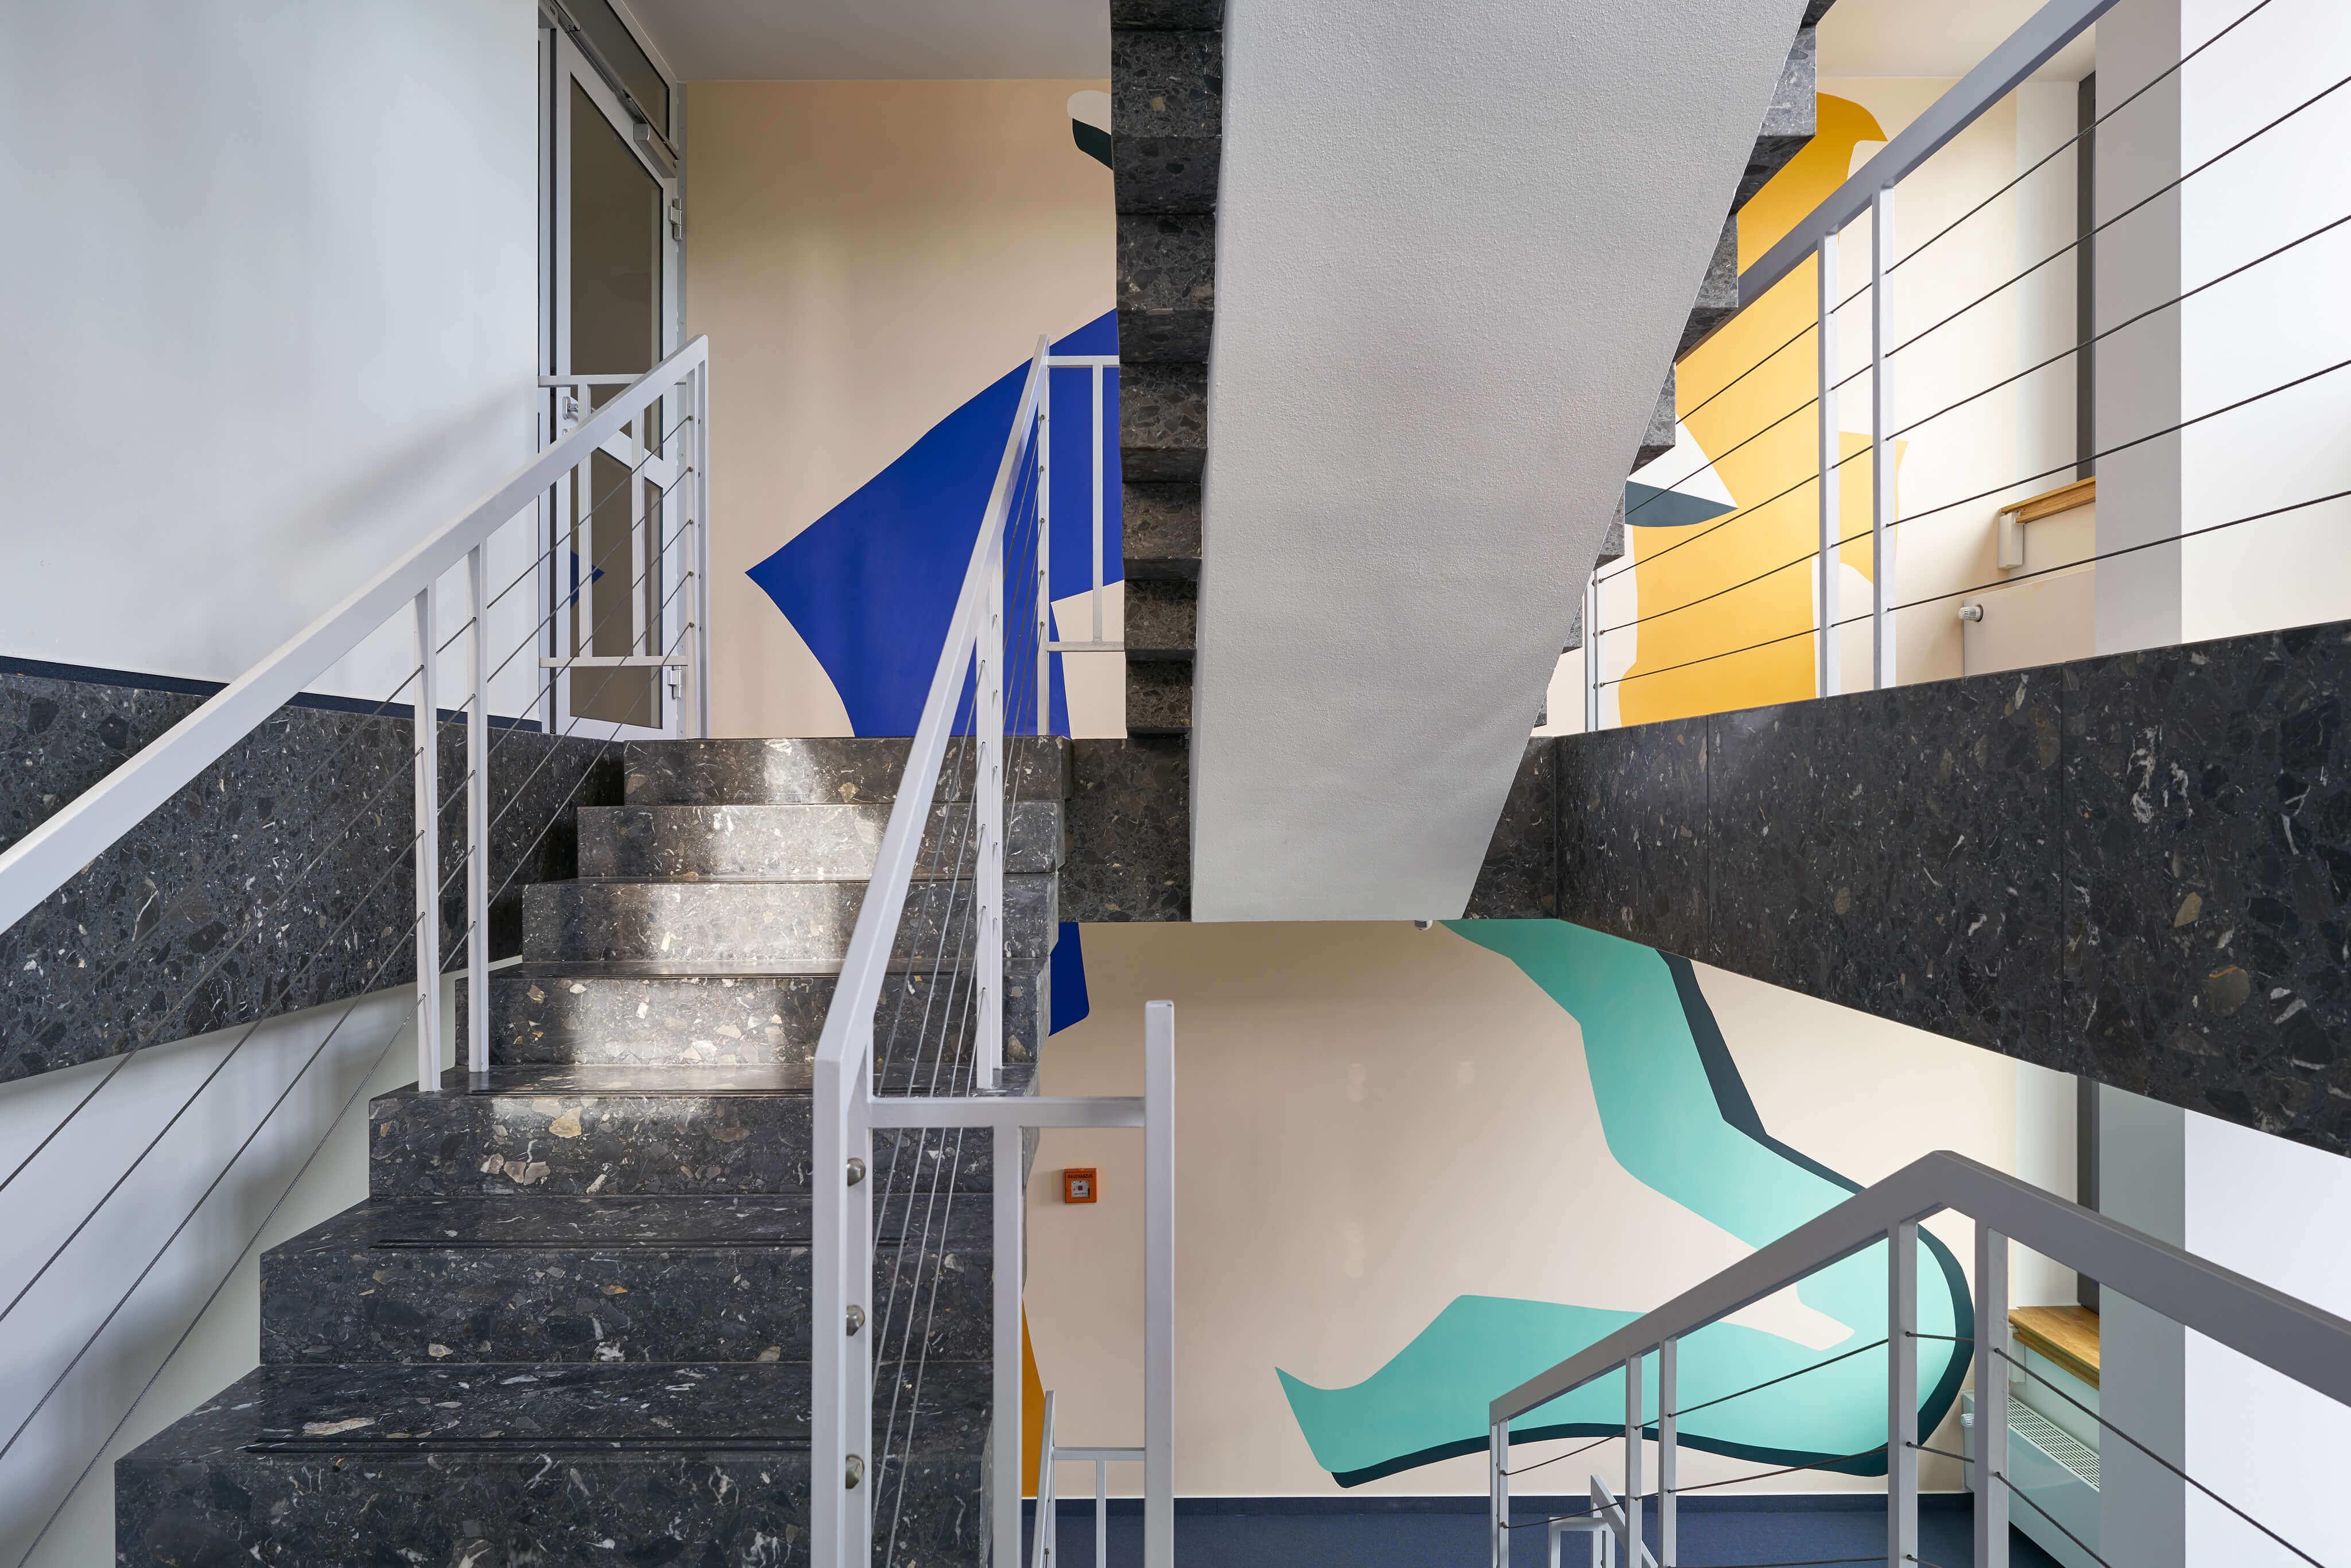 137_Frauke Dannert_Kunst am Bau_DFG